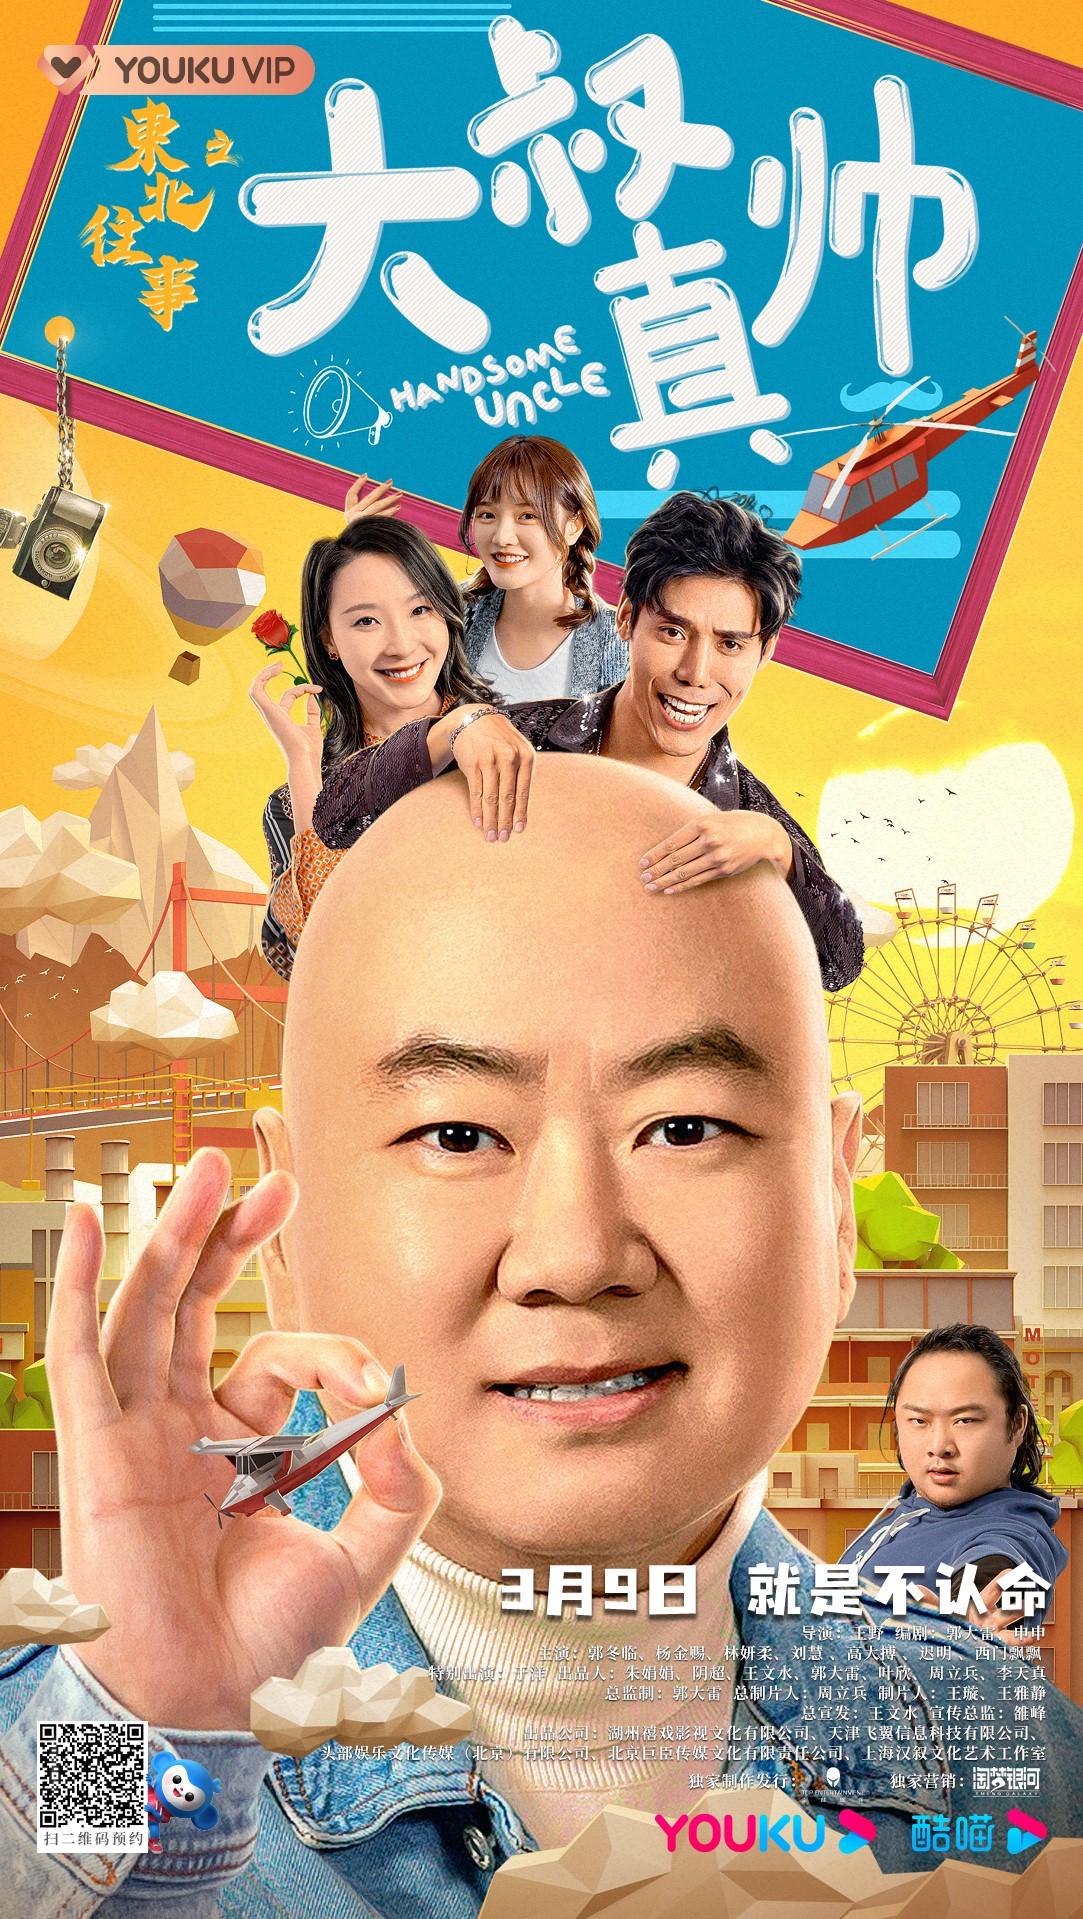 电影《东北往事之大叔真帅》海报.jpg